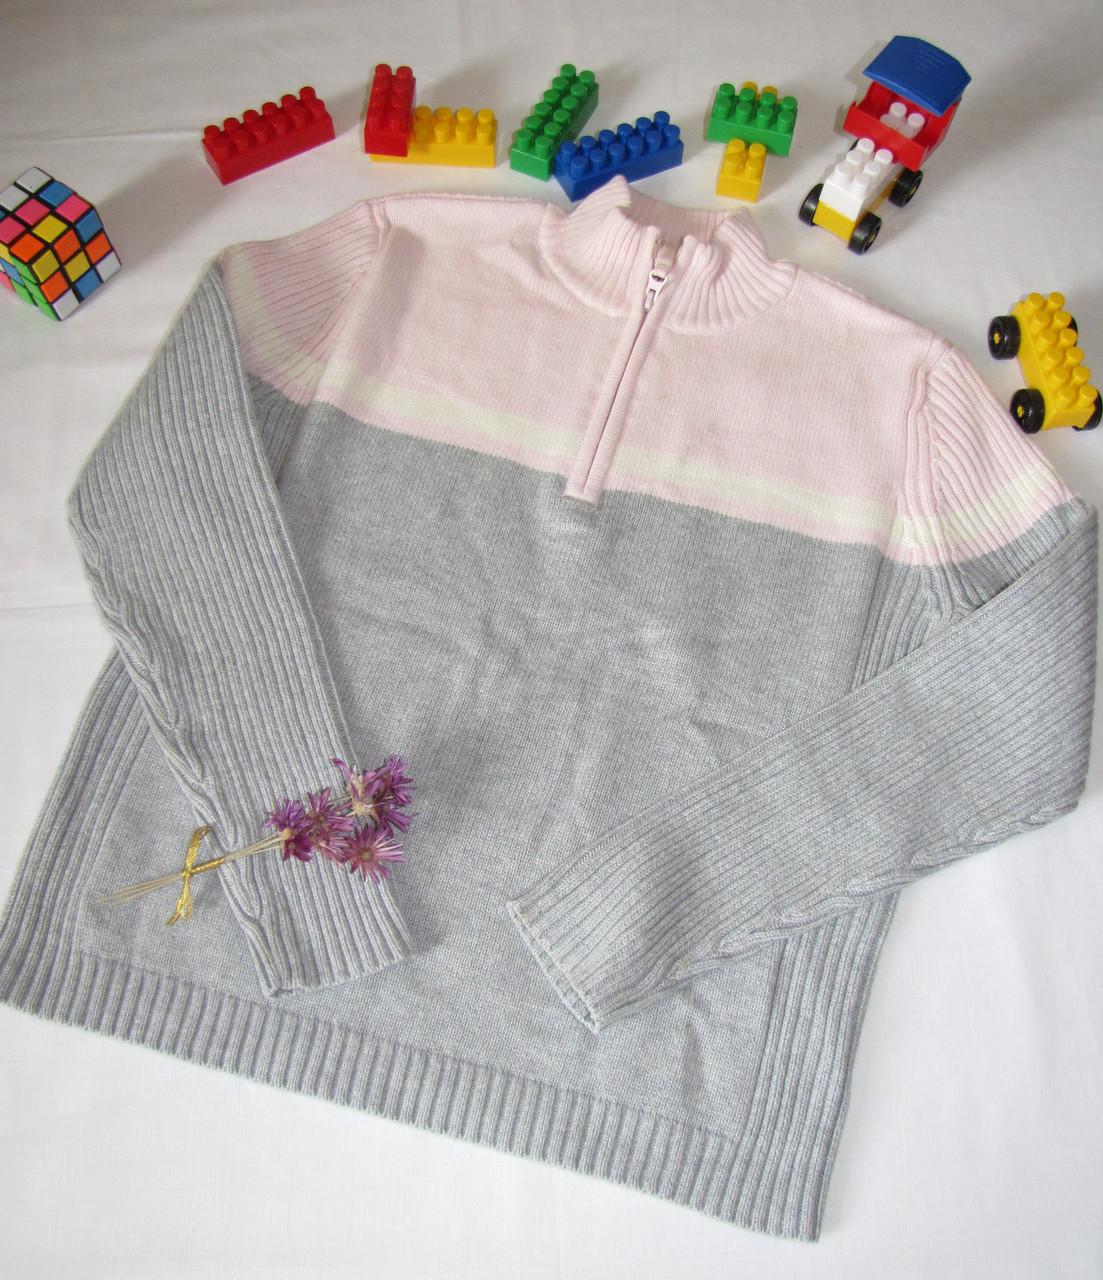 Вязаный свитер  St.John's Bay оригинал рост 146 см серый+розовый 07019